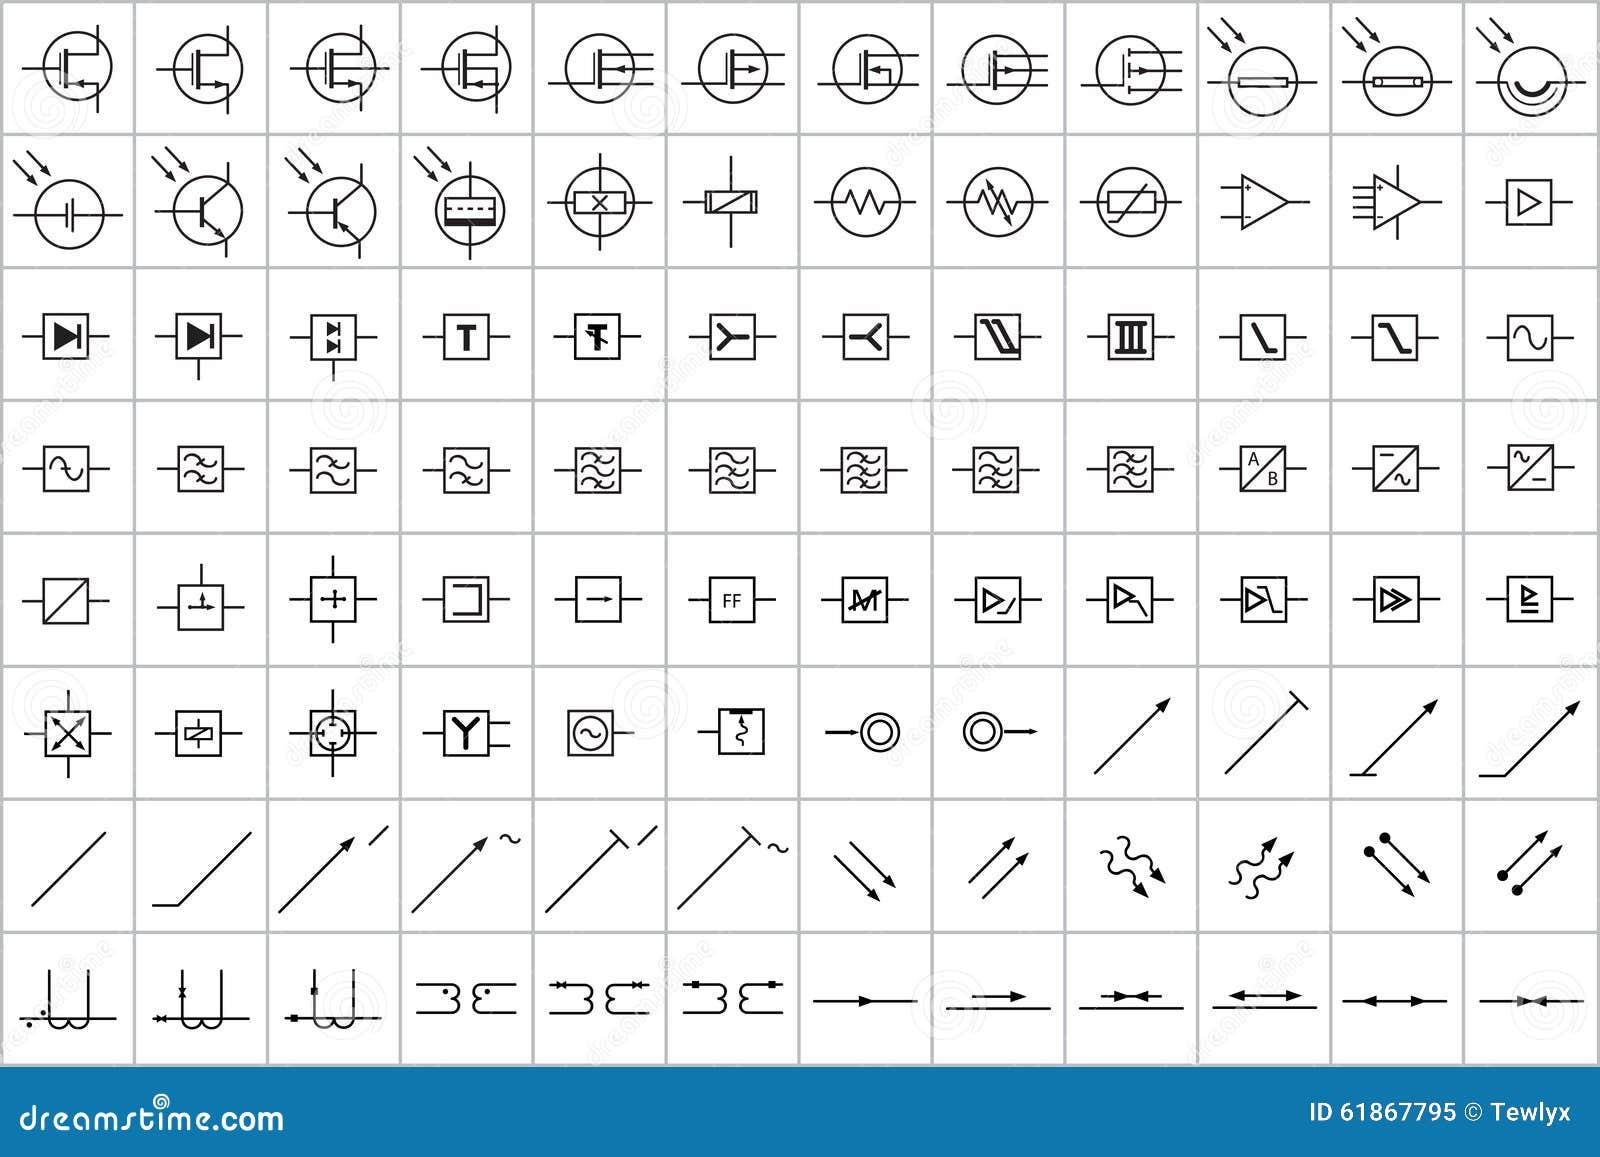 96 Elektronische Und Elektrische Symbole V 3 Stockfoto